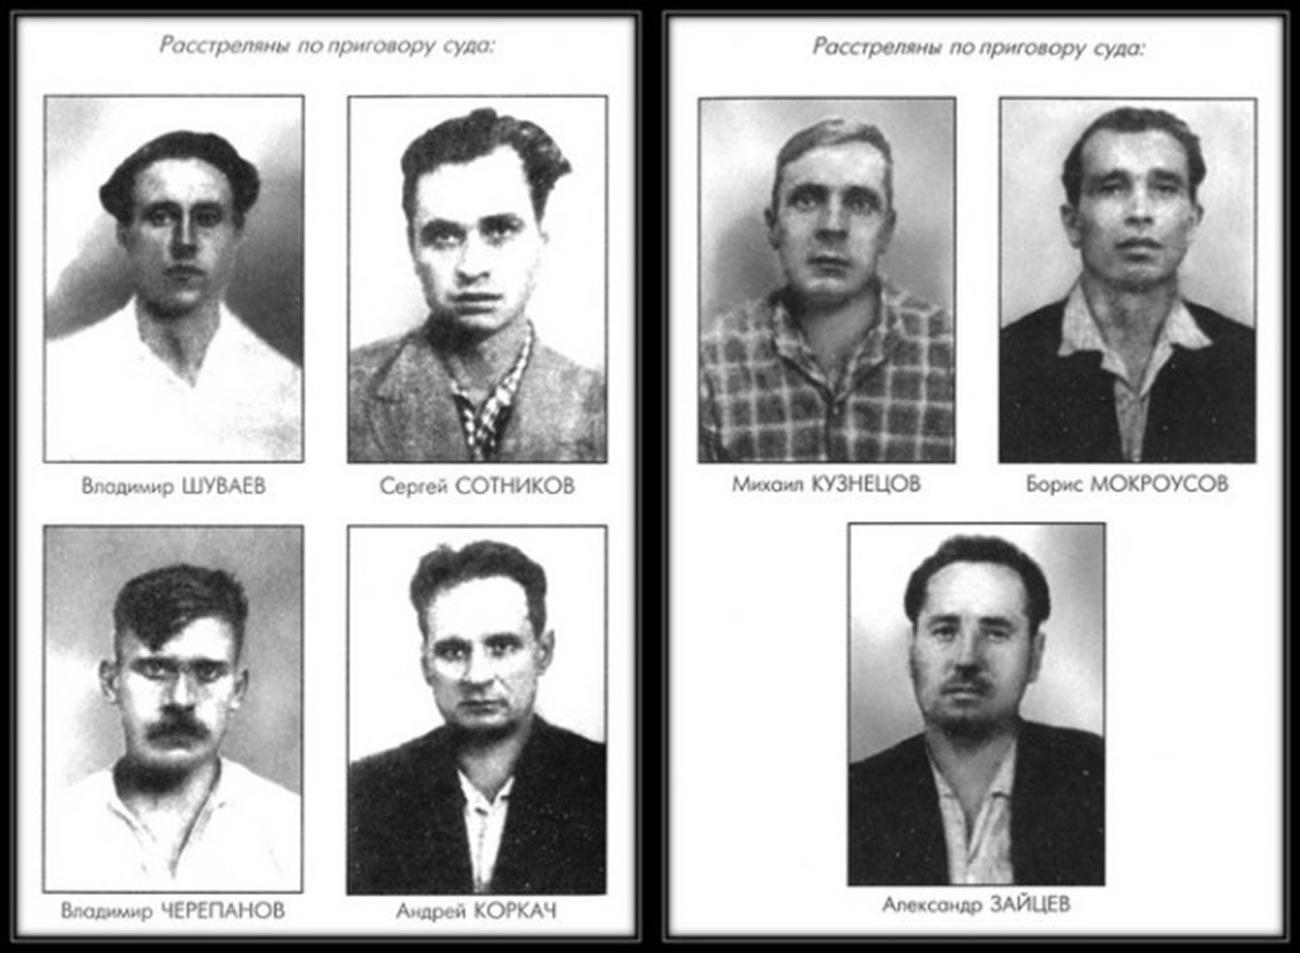 Fotos de 7 operários condenados a execução após a greve: Vladímir Chuvaev (1937-1962), Serguêi Sotnikov (1937-1962), Mikhail Kuznetsov (1930-1962), Boris Mokrousov (1923-1962), Vladímir Tcherepanov (1933-1962), Andrei Korkatch (1917-1962), Aleksandr Zaitsev (1927-1962)